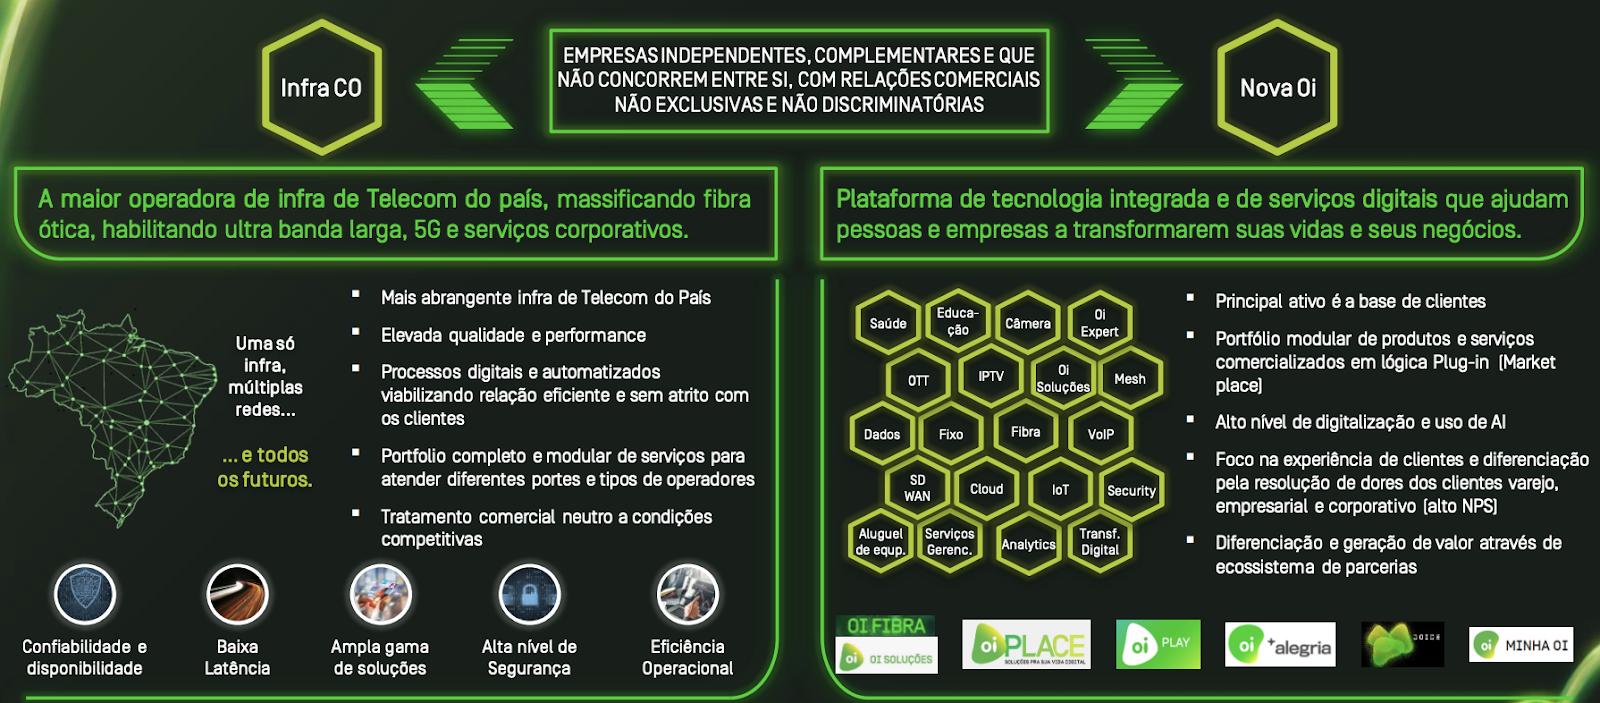 Operações da InfraCo (nova V.tal) e ClientCo.